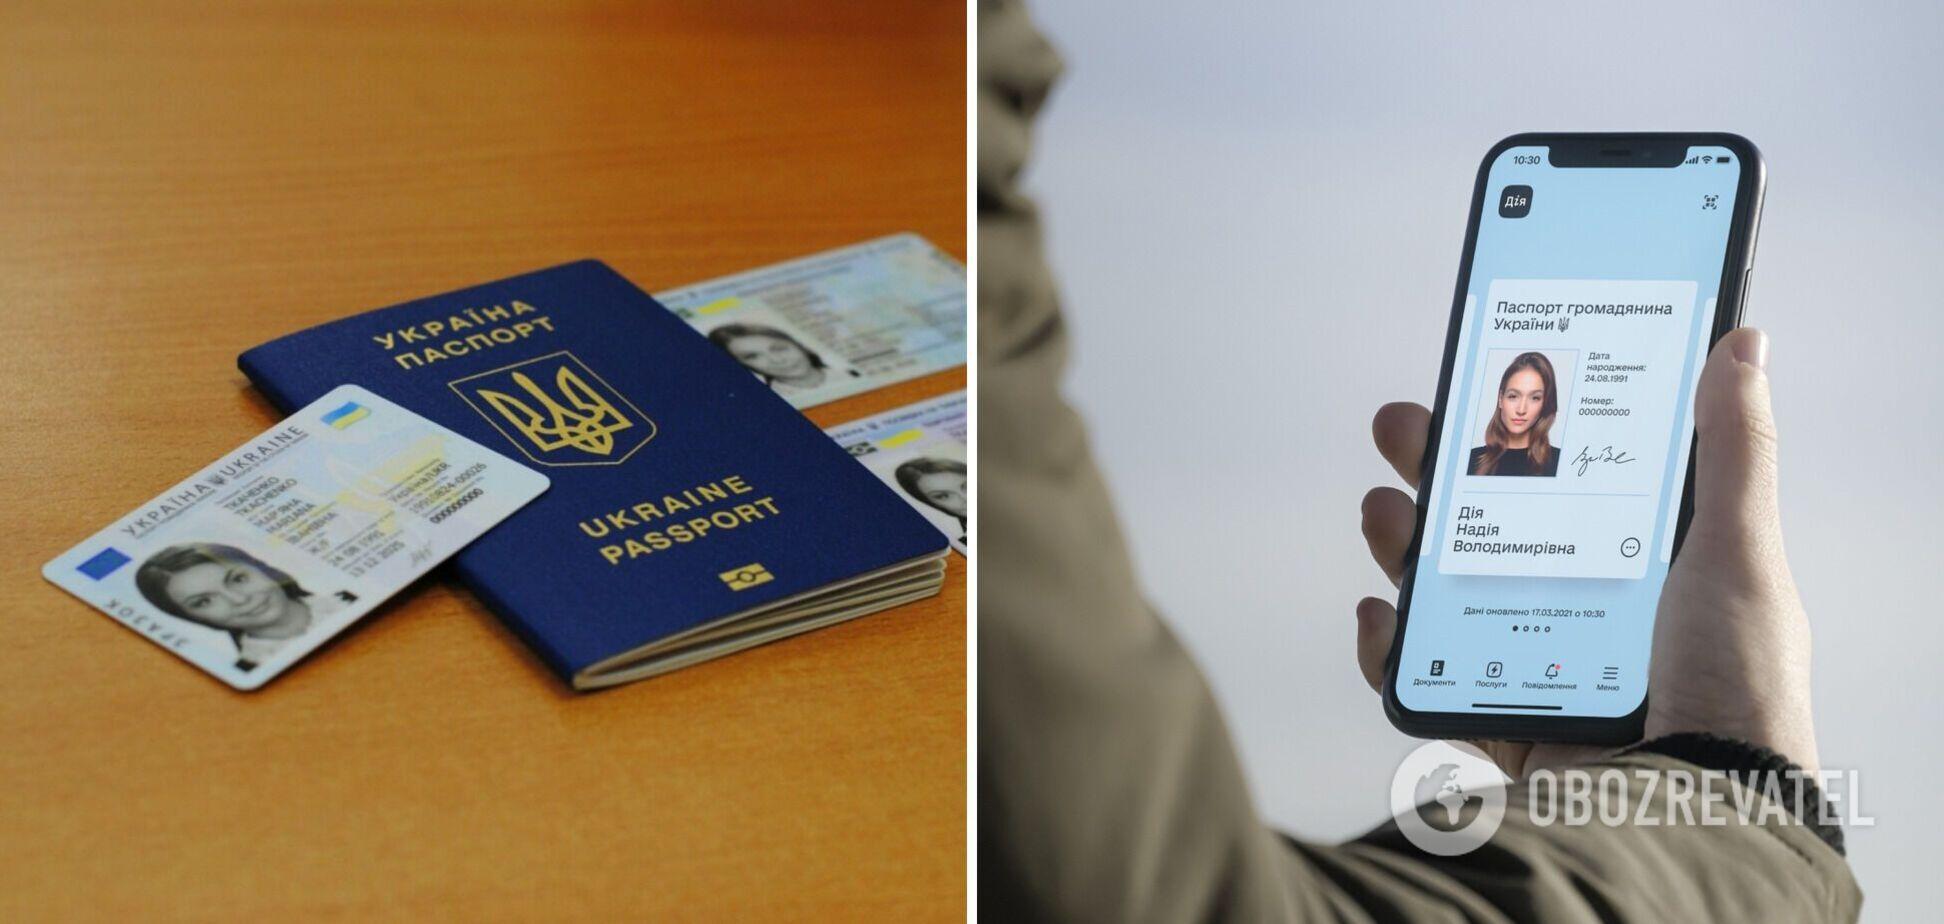 Всім українцям хочуть роздати нові паспорти: яких проблем чекати